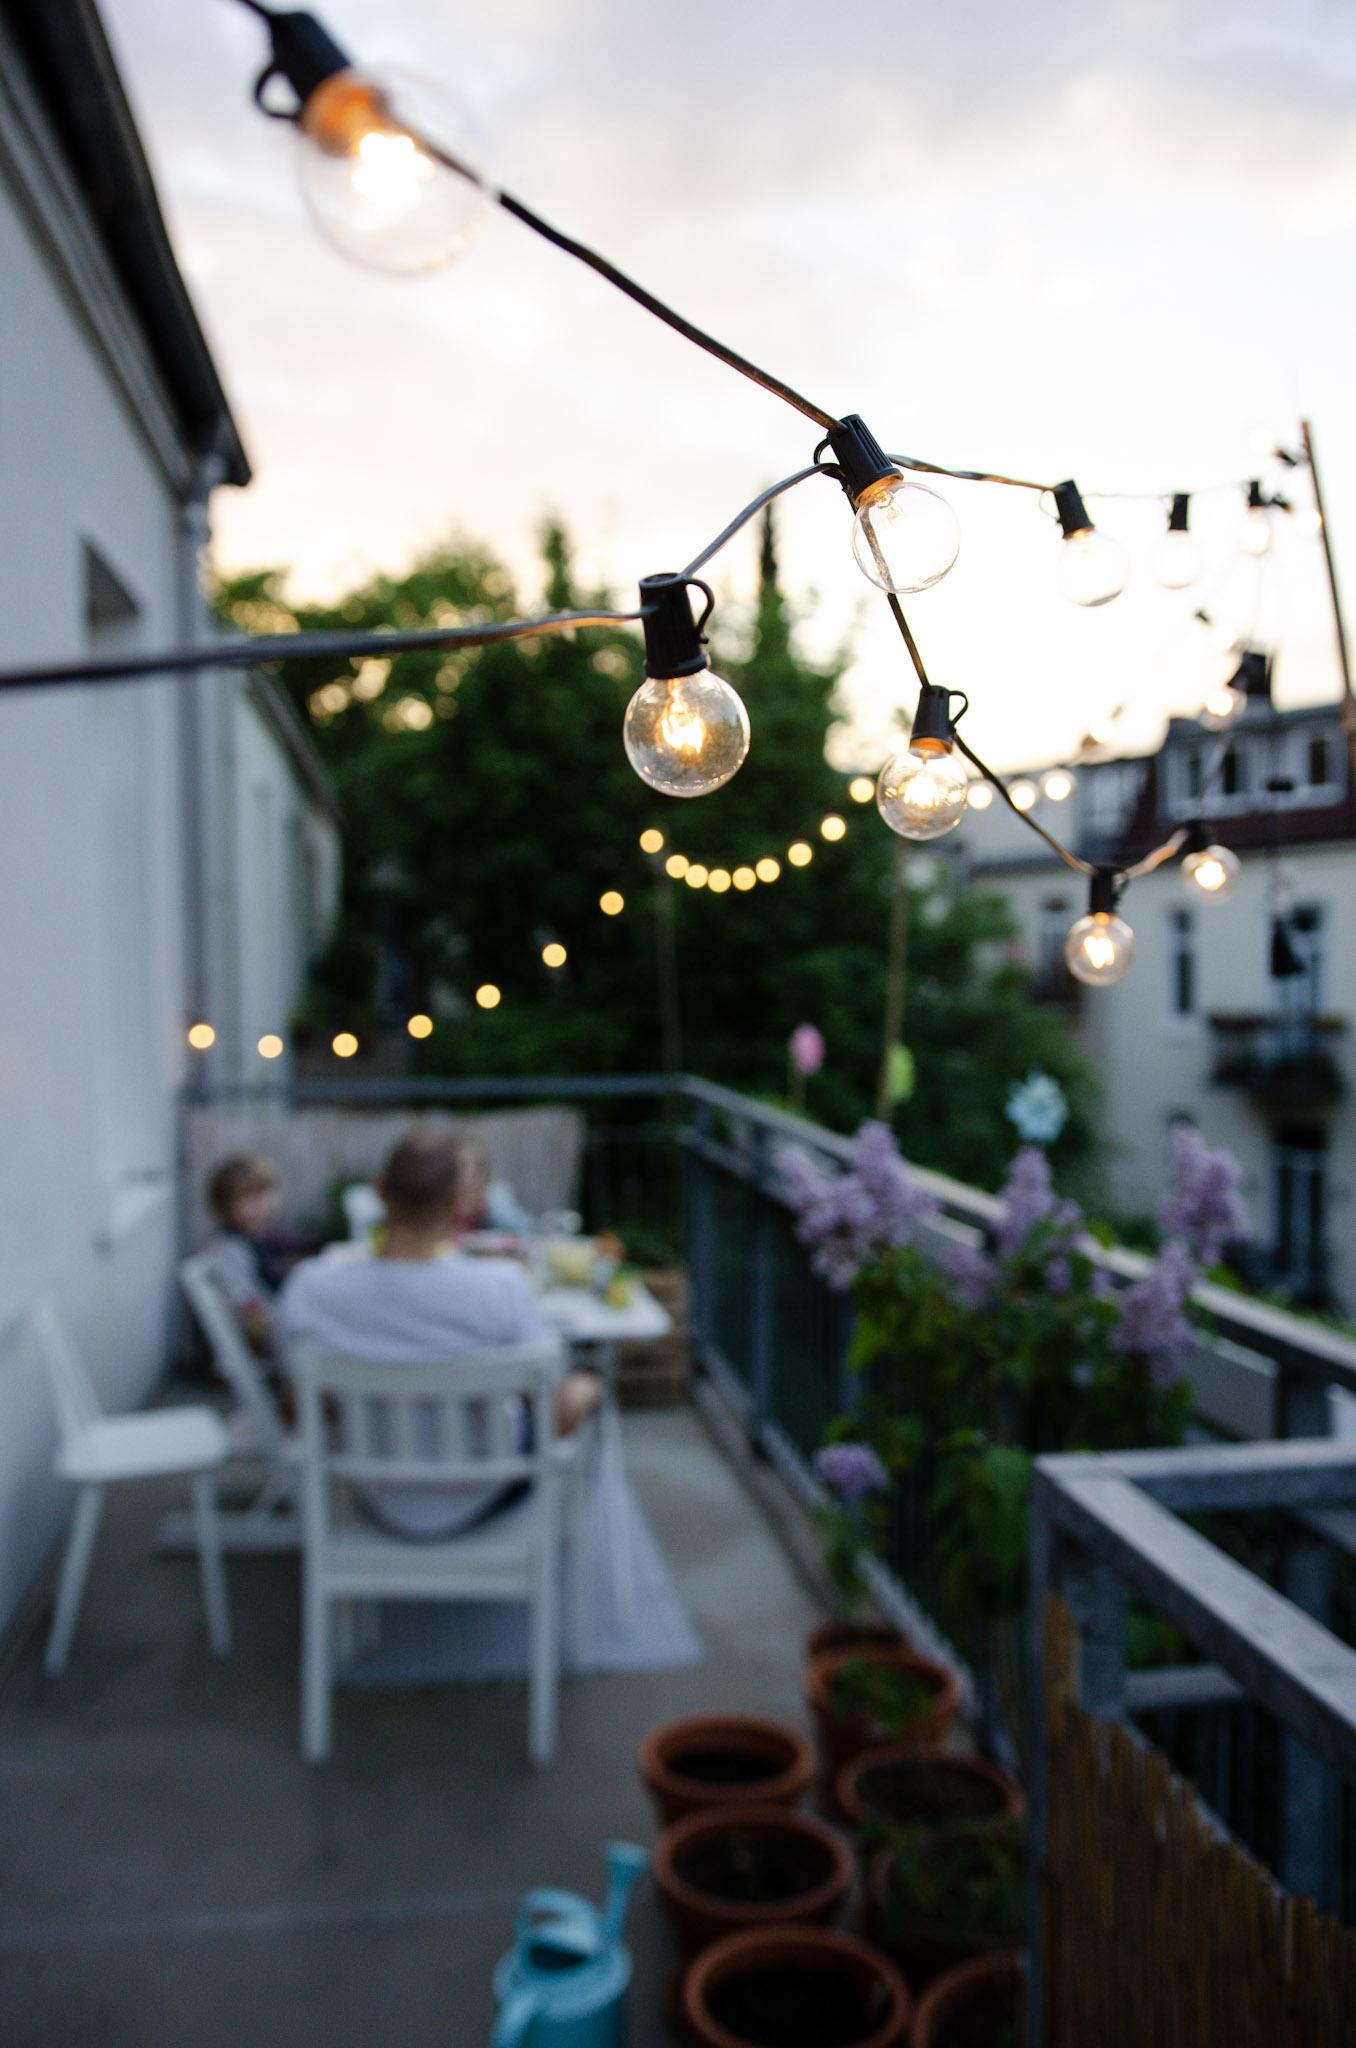 Abendstimmung beim Grillen auf dem Balkon mit Lichterkette